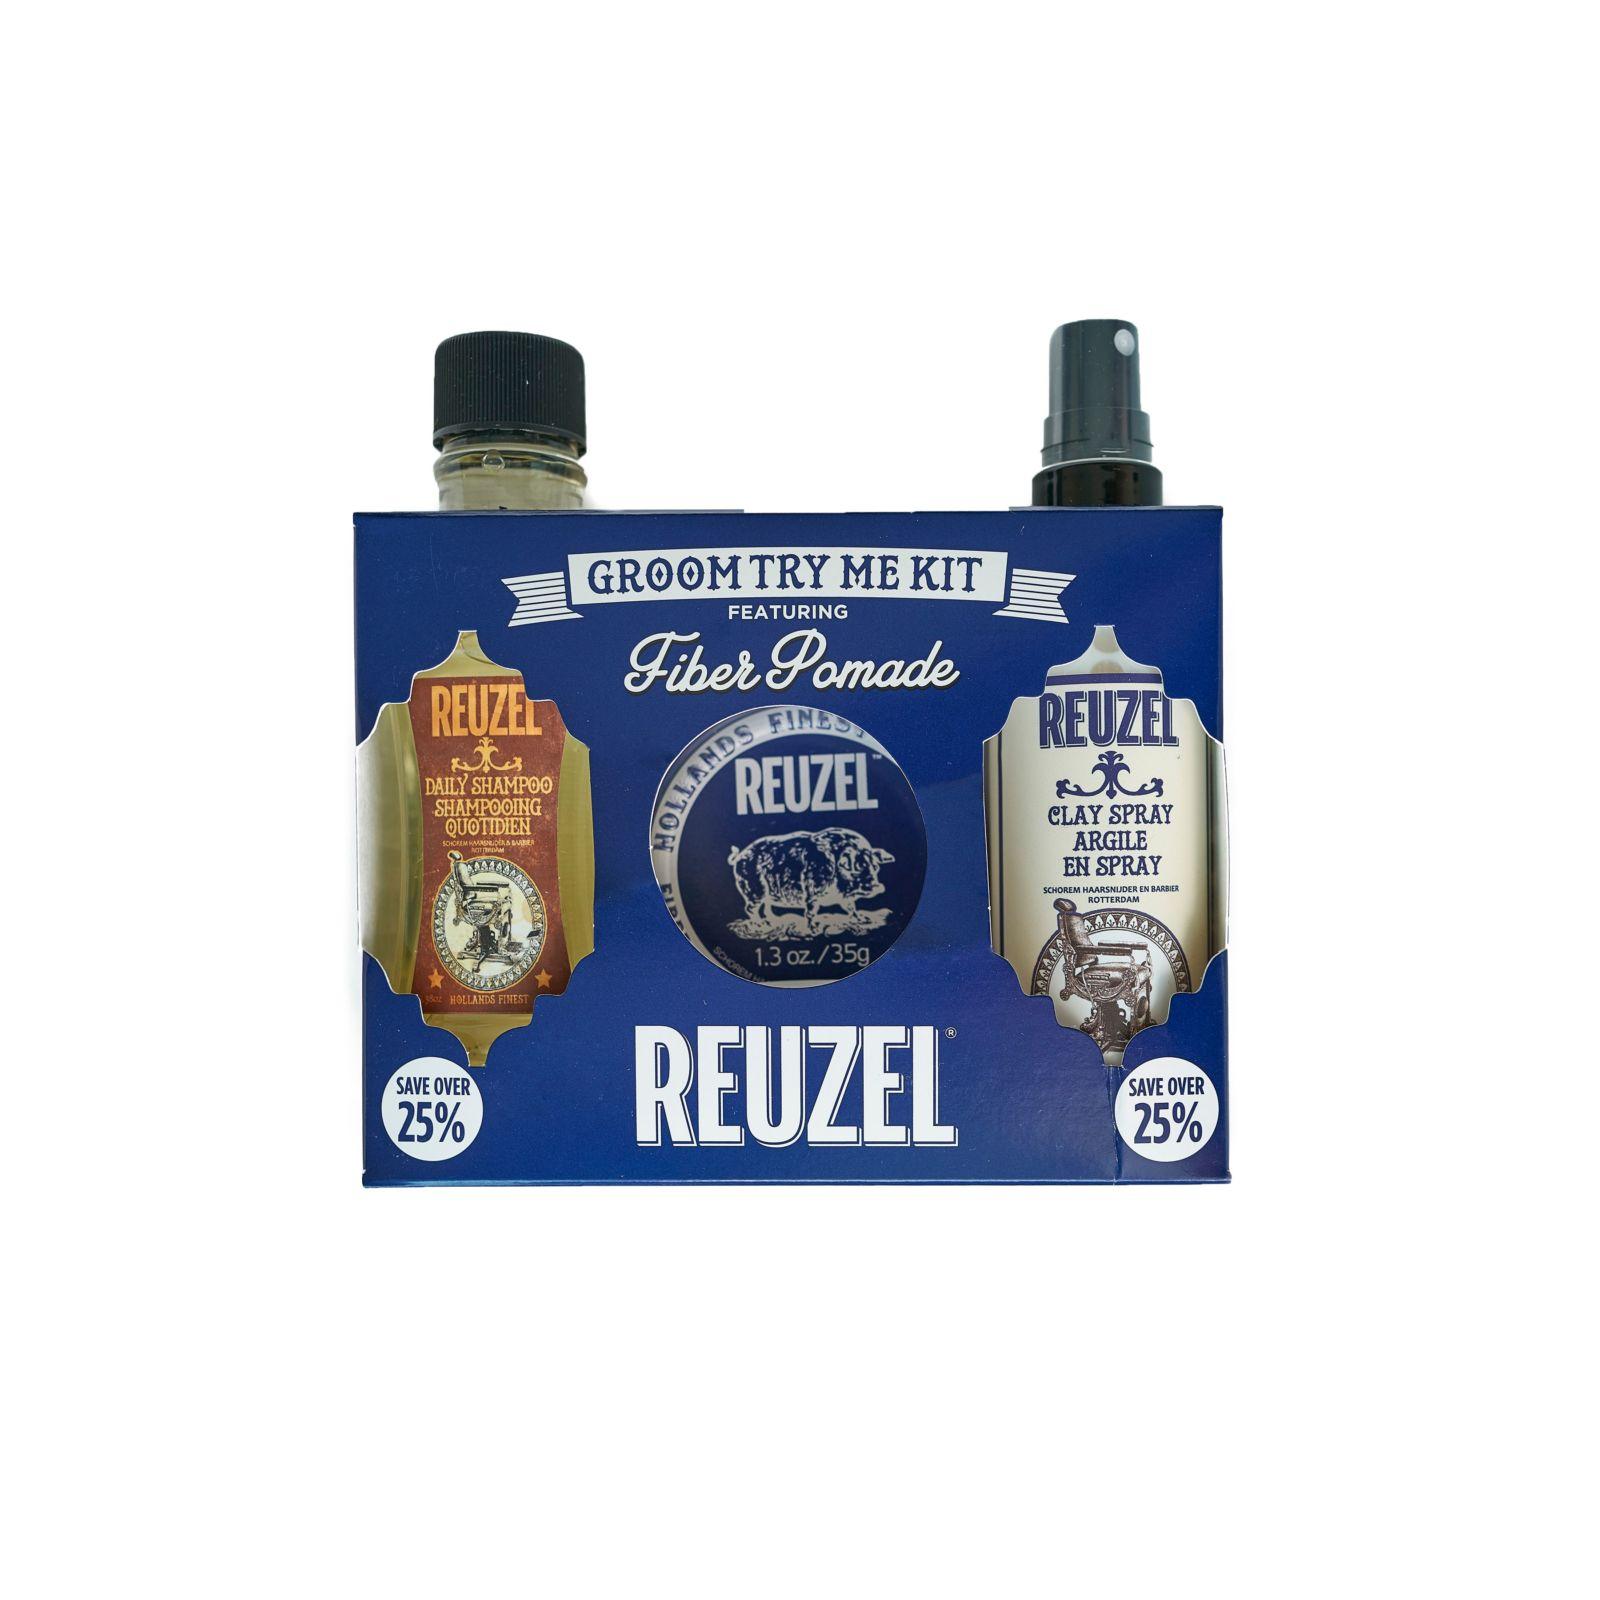 Tuotekuva: Reuzel Try Me Kit -Daily Shampoo, Fiber Pomade & Clay Spray